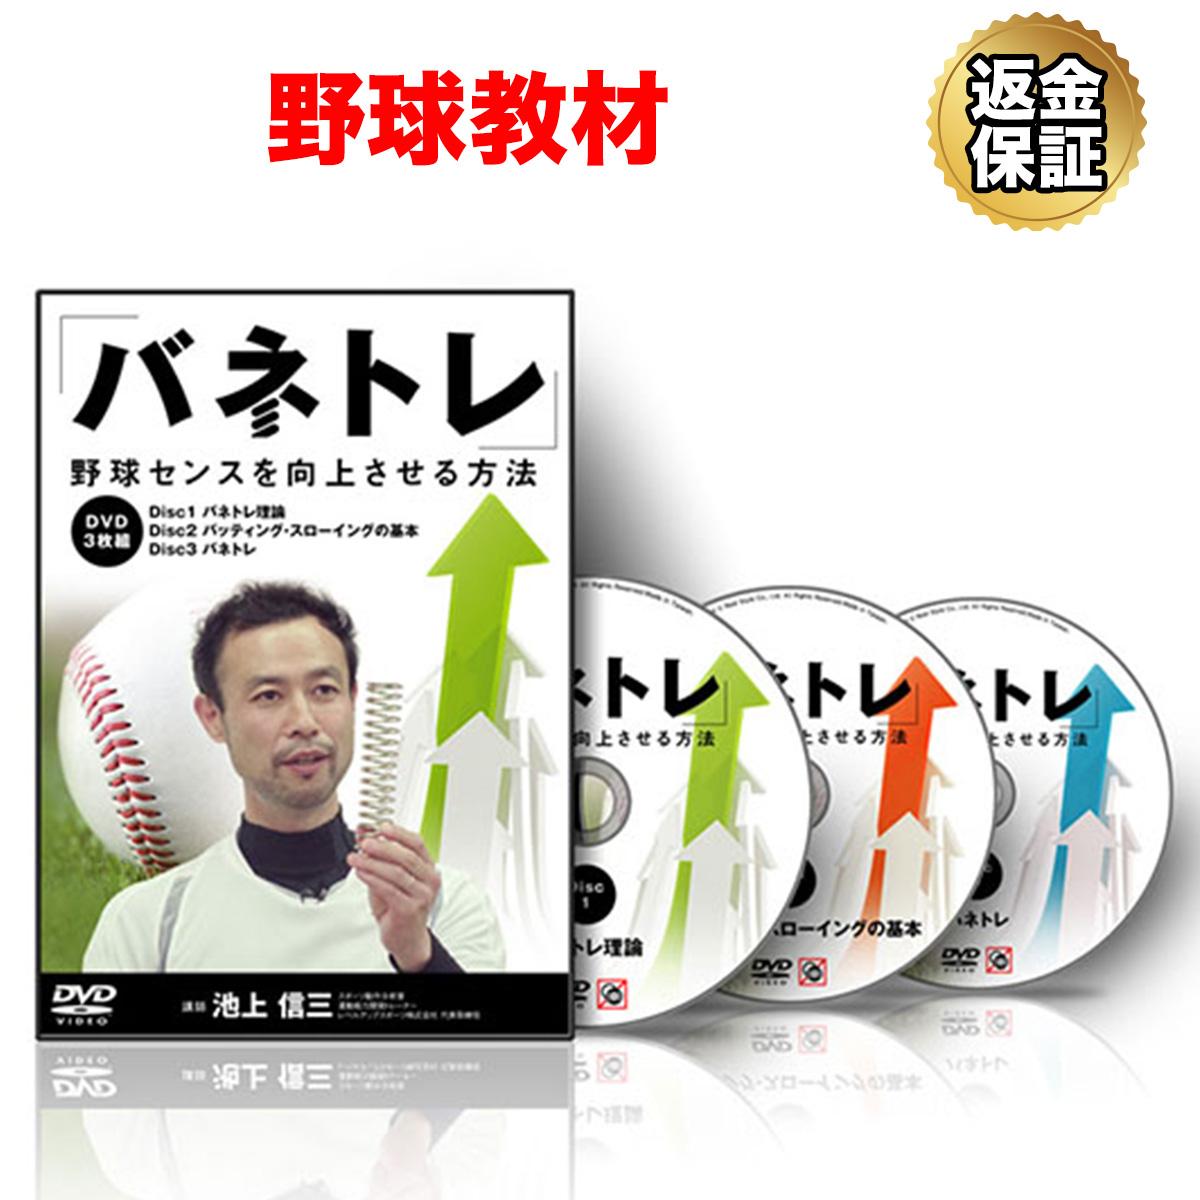 【野球】「バネトレ」 ~野球センスを向上させる方法~